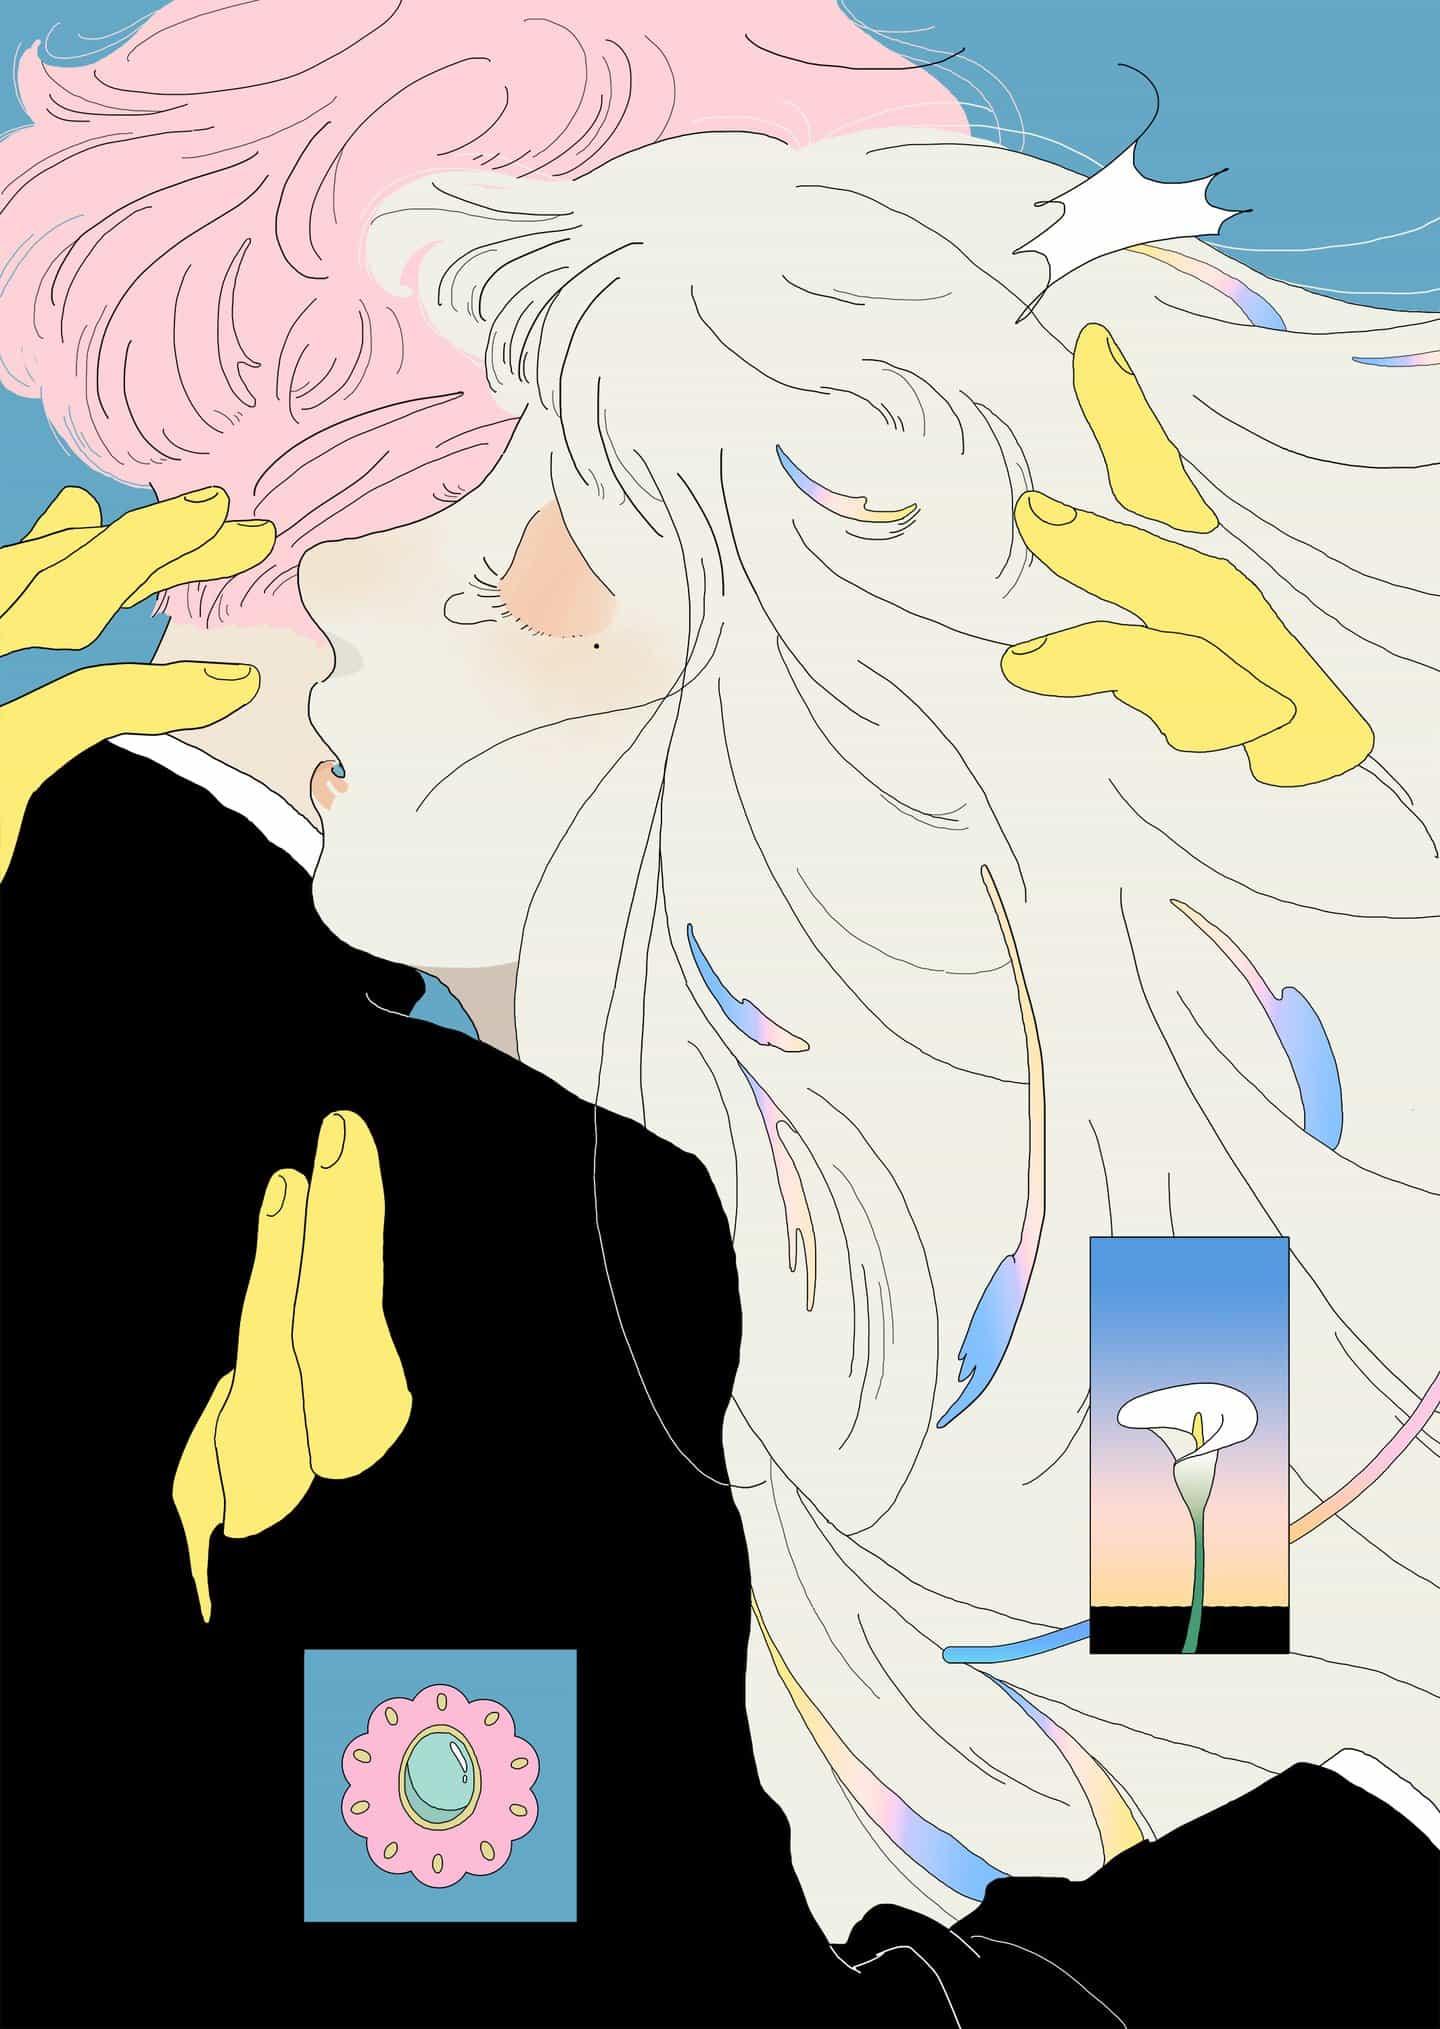 Animado, diseño gráfico y múltiples narrativas chocan en Taipei basado en el trabajo ilustrador Saitemiss'